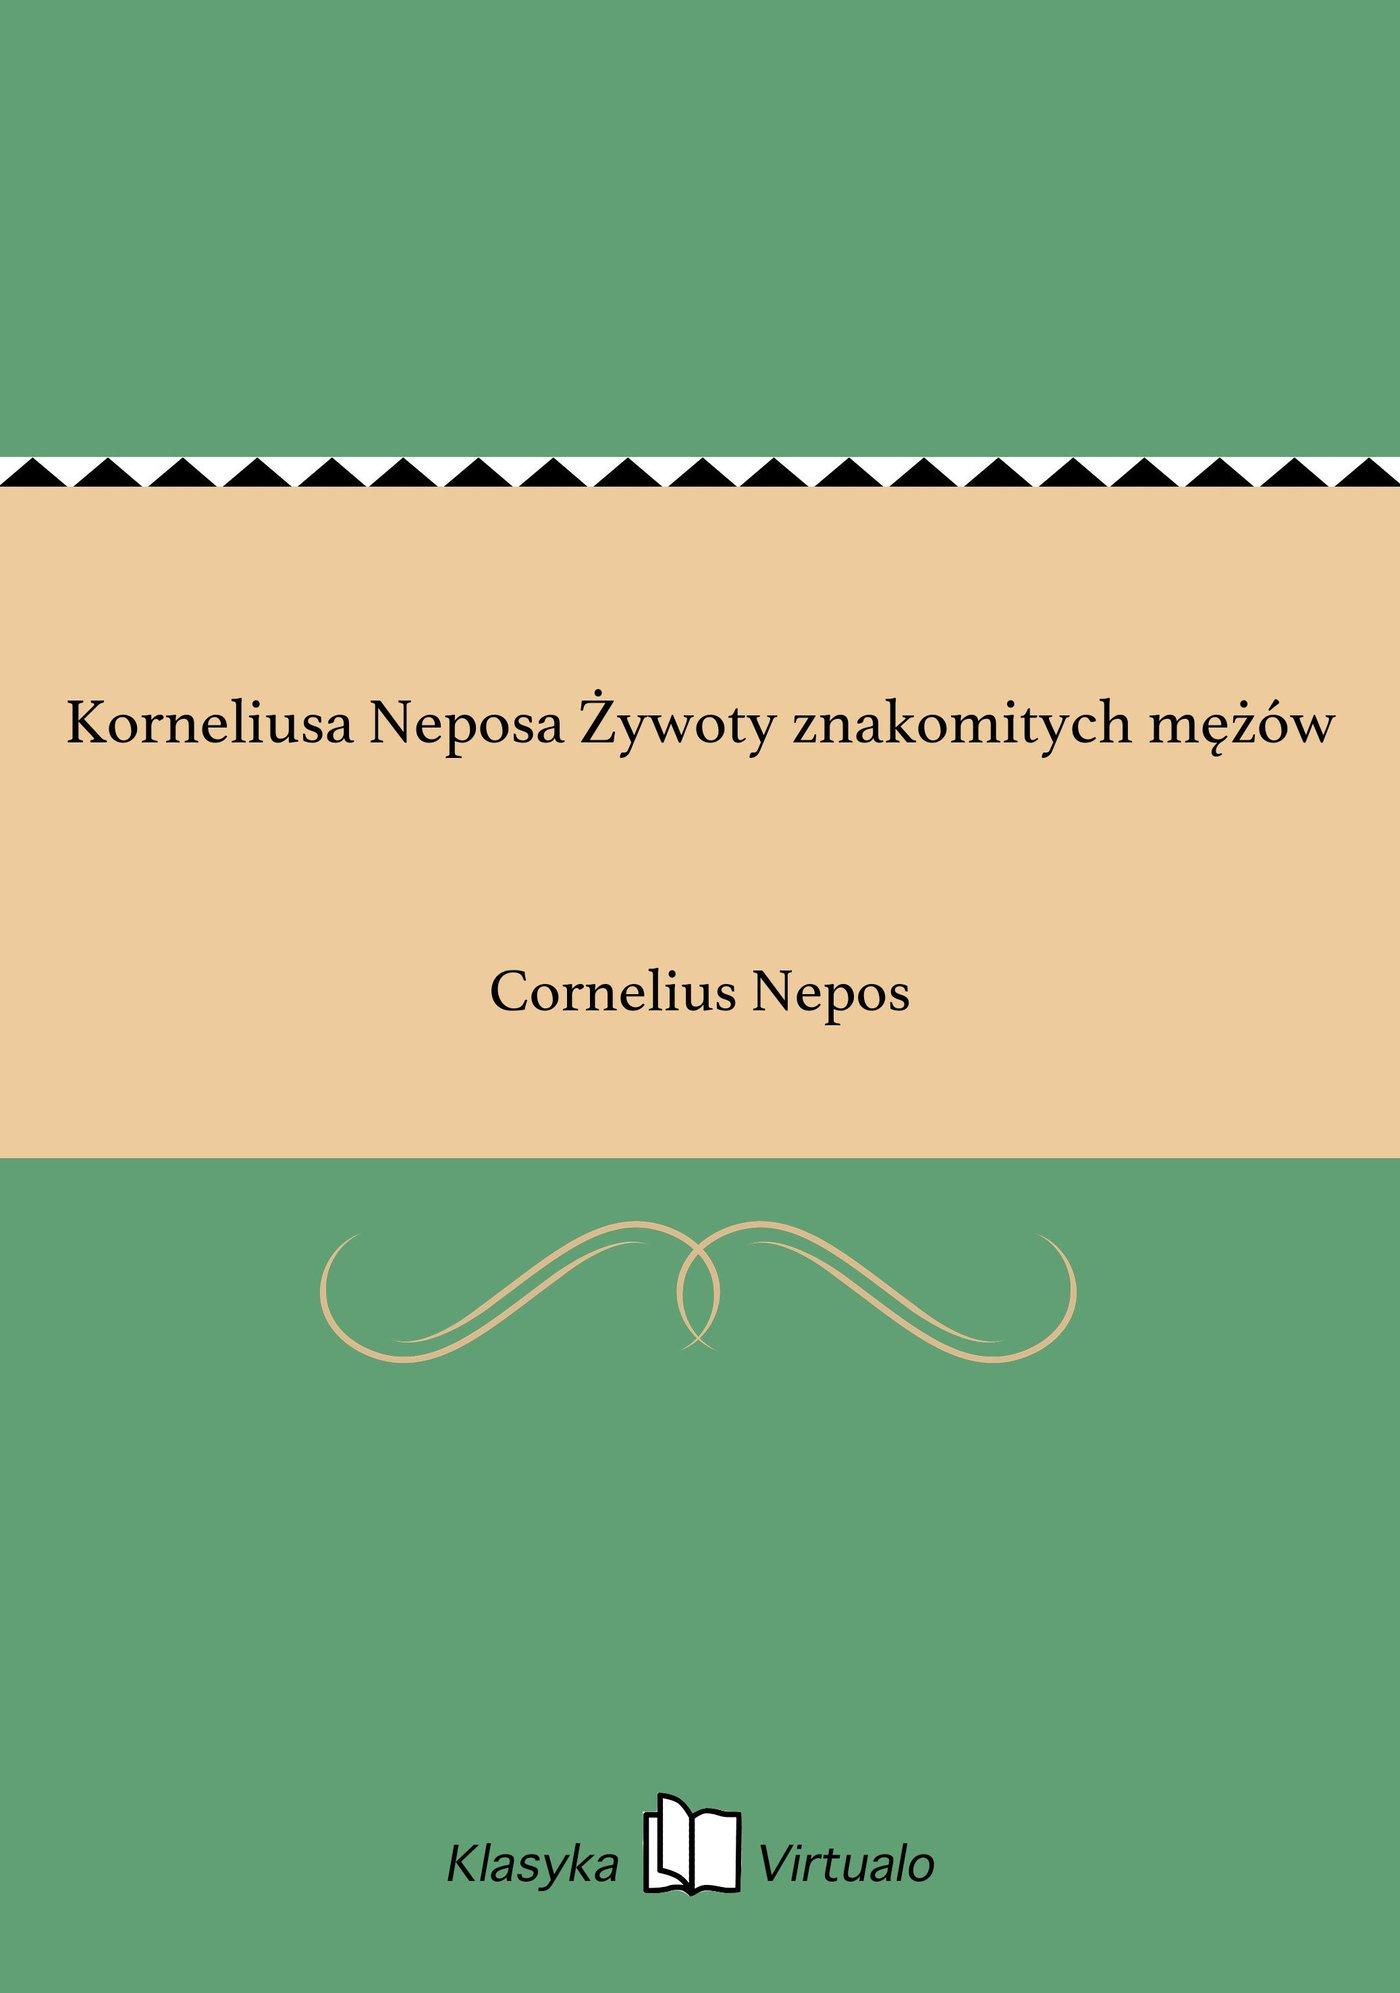 Korneliusa Neposa Żywoty znakomitych mężów - Ebook (Książka EPUB) do pobrania w formacie EPUB